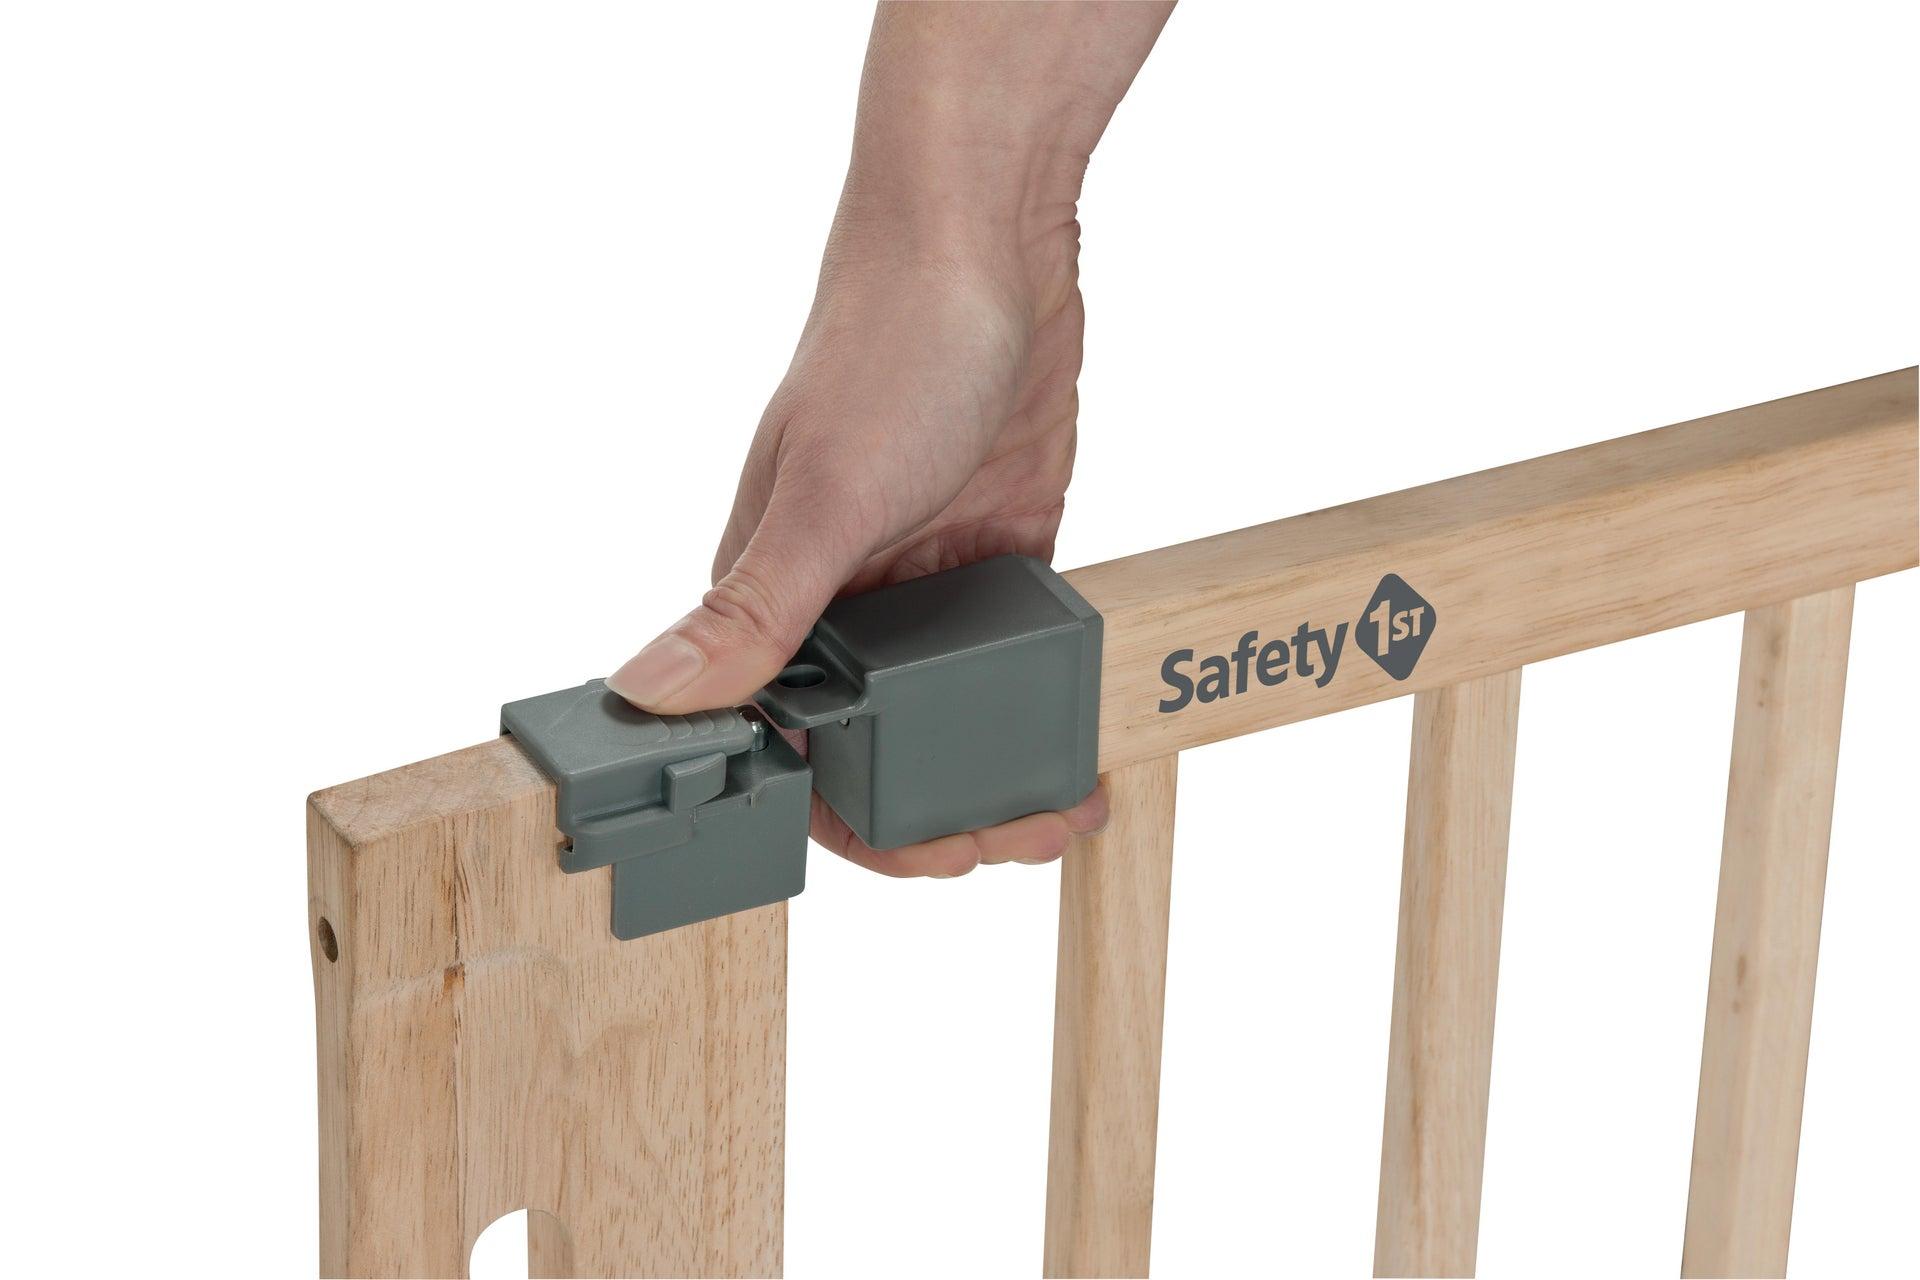 Cancelletto di sicurezza per bambini Esay Close Wood L 73 cm - 4